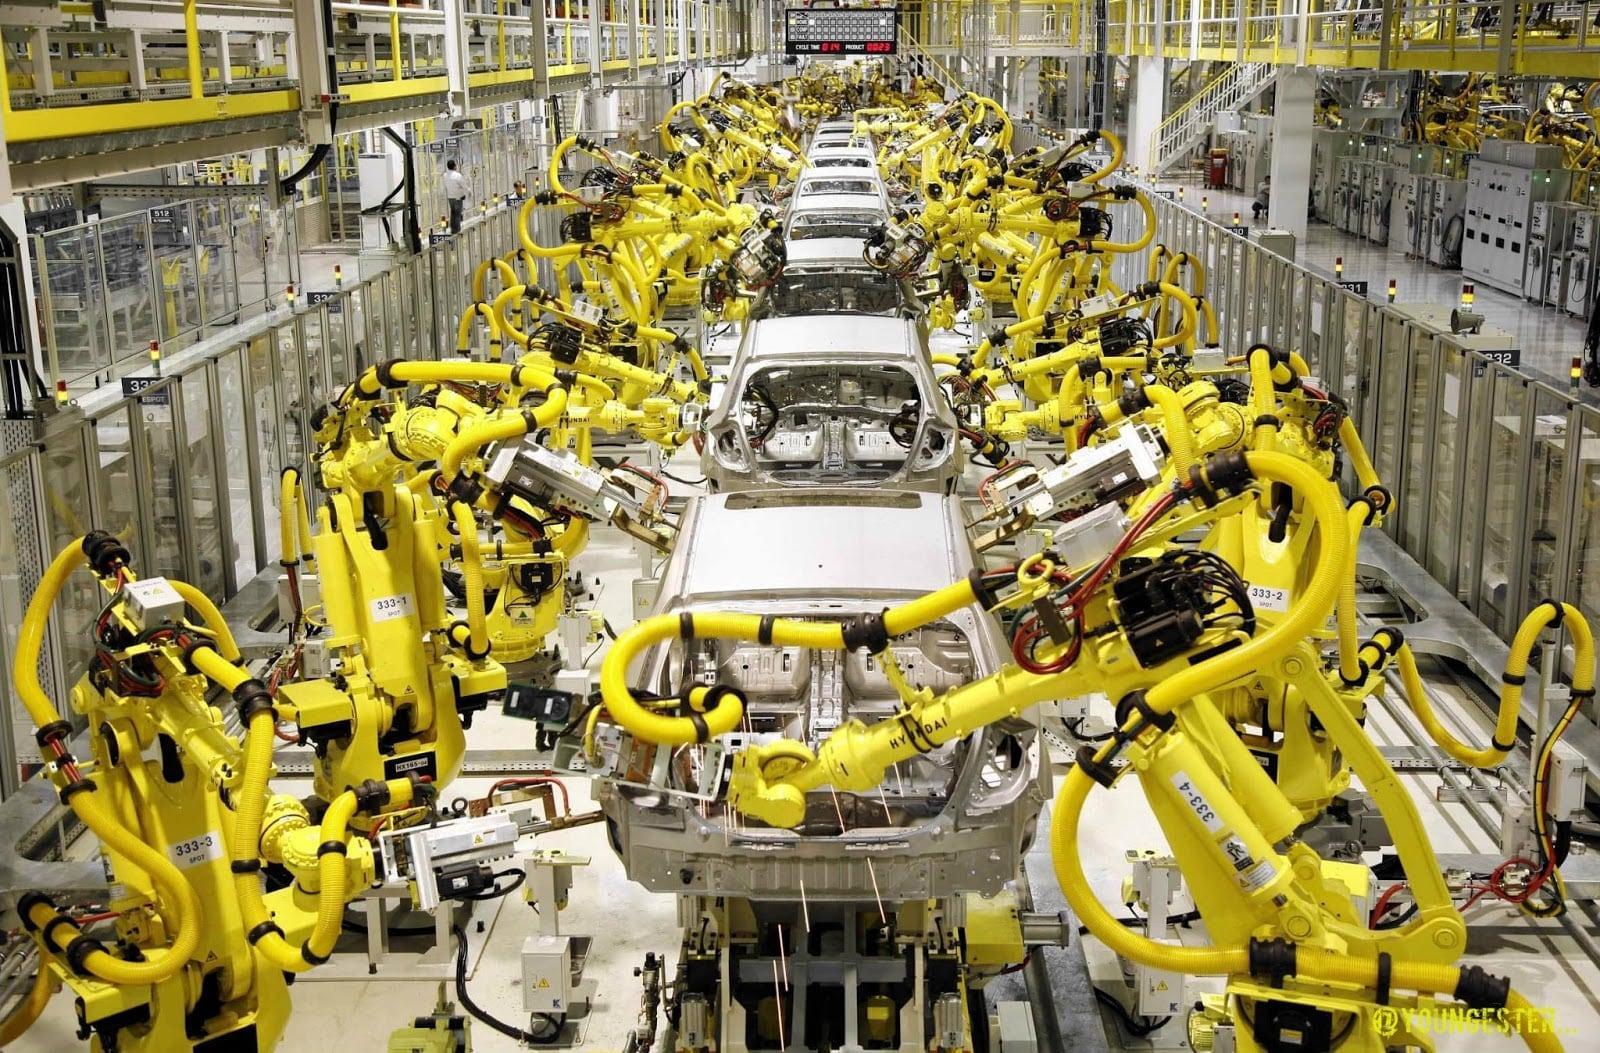 Robotización, automatización e industria 4.0 en el capitalismo: la miseria está garantizada